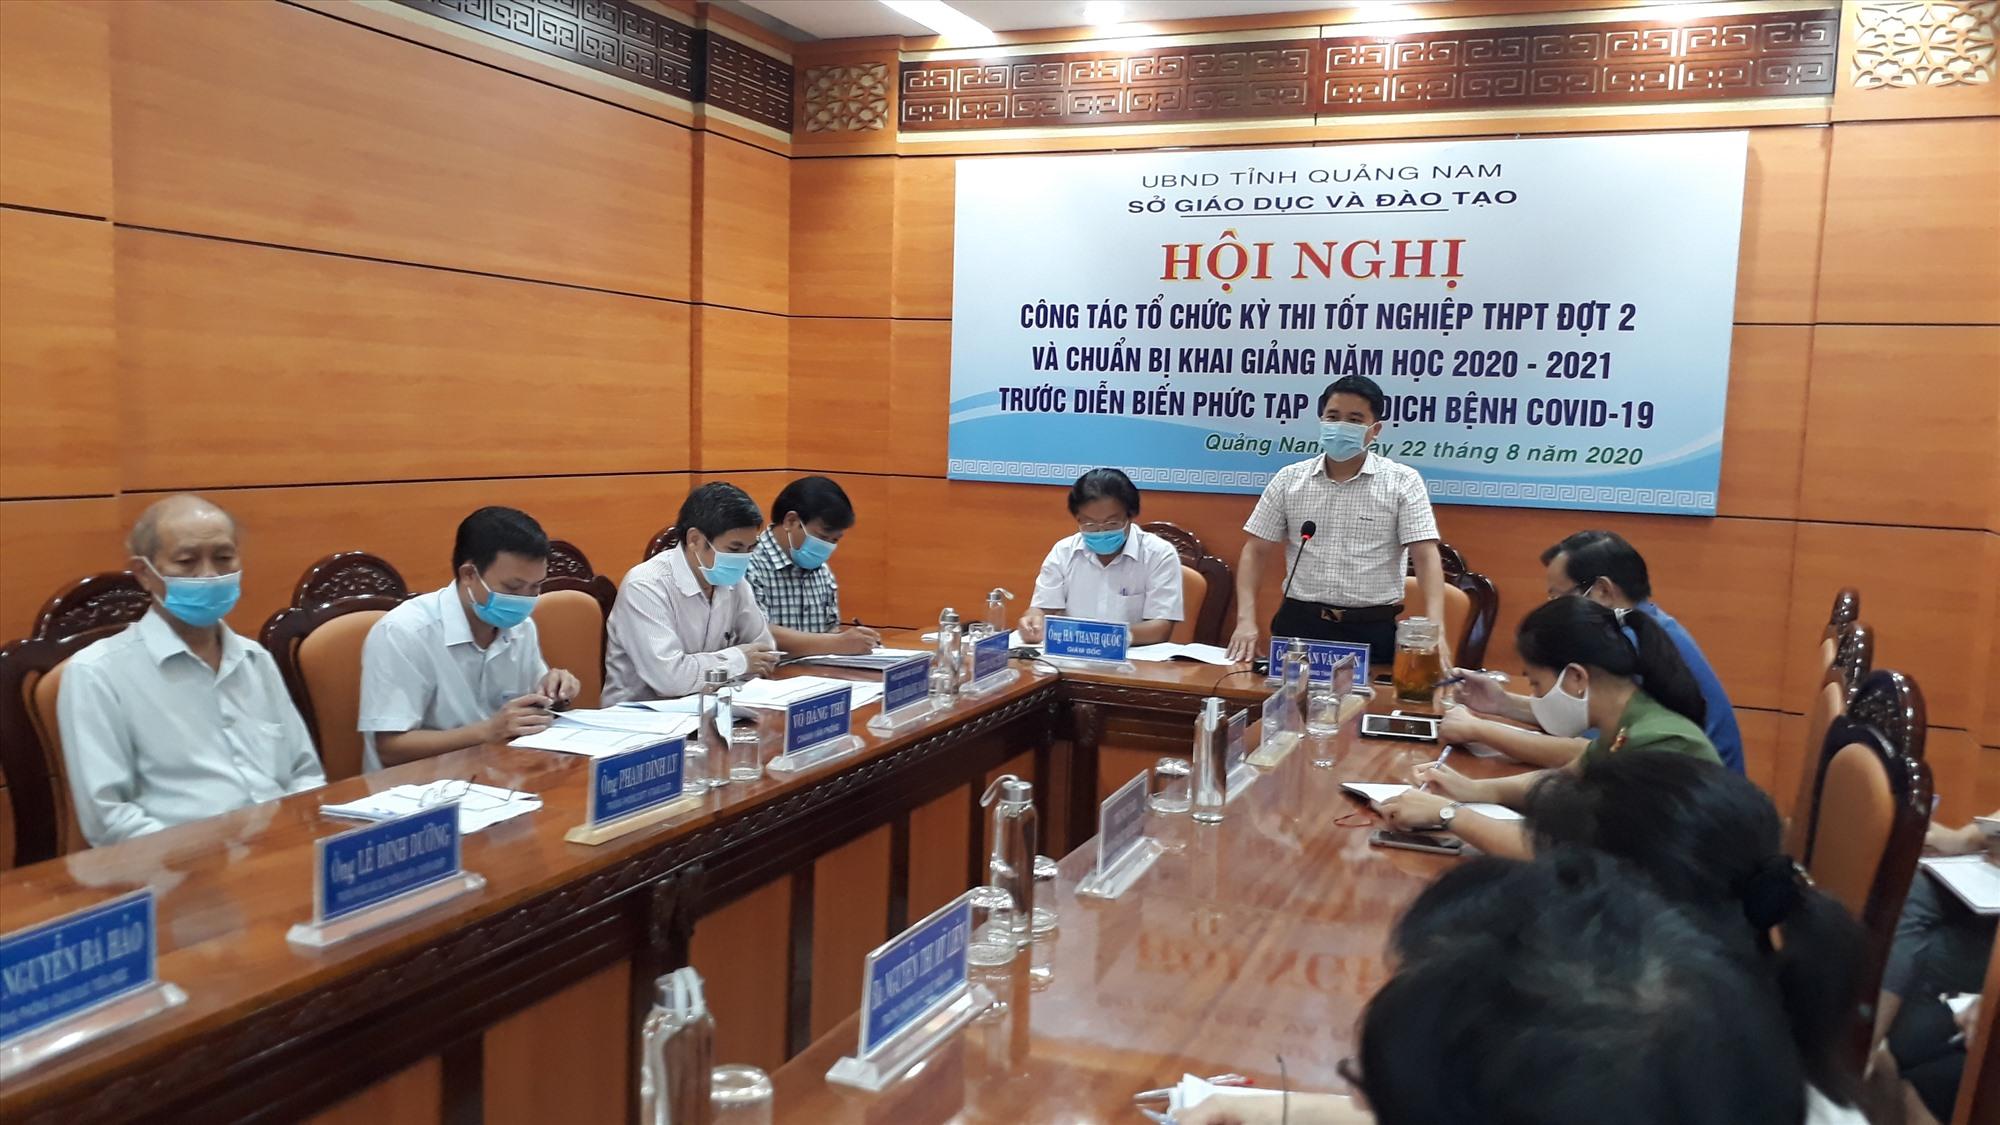 Phó Chủ tịch UBND tỉnh Trần Văn Tân nhấn mạnh việc tổ chức kỳ thi tốt nghiệp THPT đợt 2 t phải được triển khai nghiêm túc, đúng quy chế, đảm bảo an toàn sức khỏe cho TS và giám thị. Ảnh: X.P